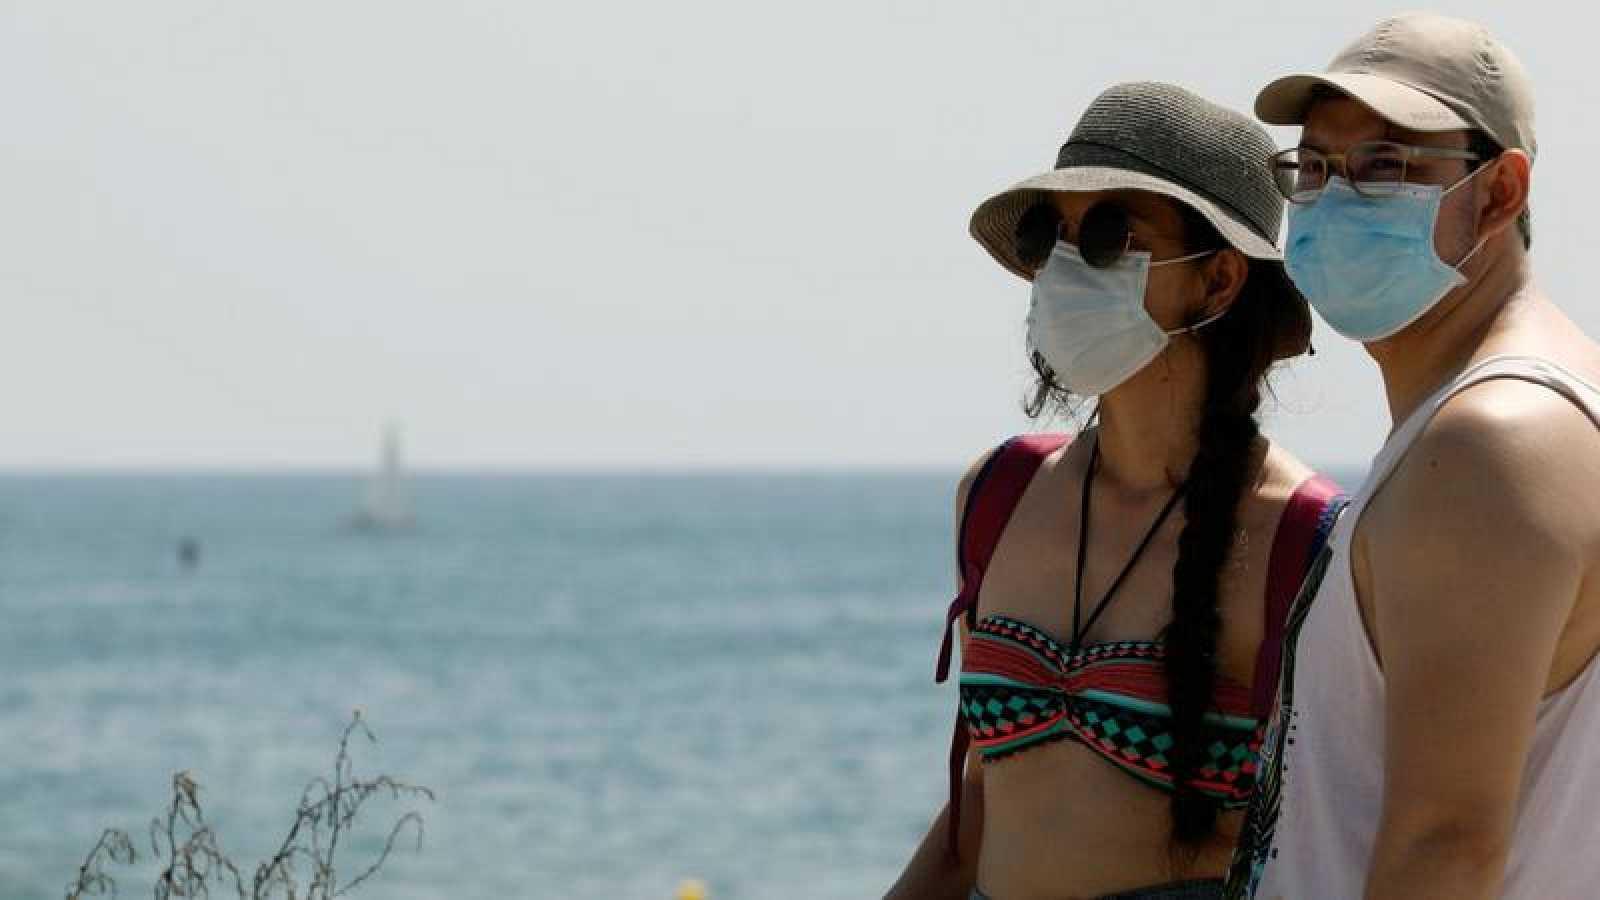 Dos personas protegidas con mascarillas en la playa de la Malvarrosa de Valencia